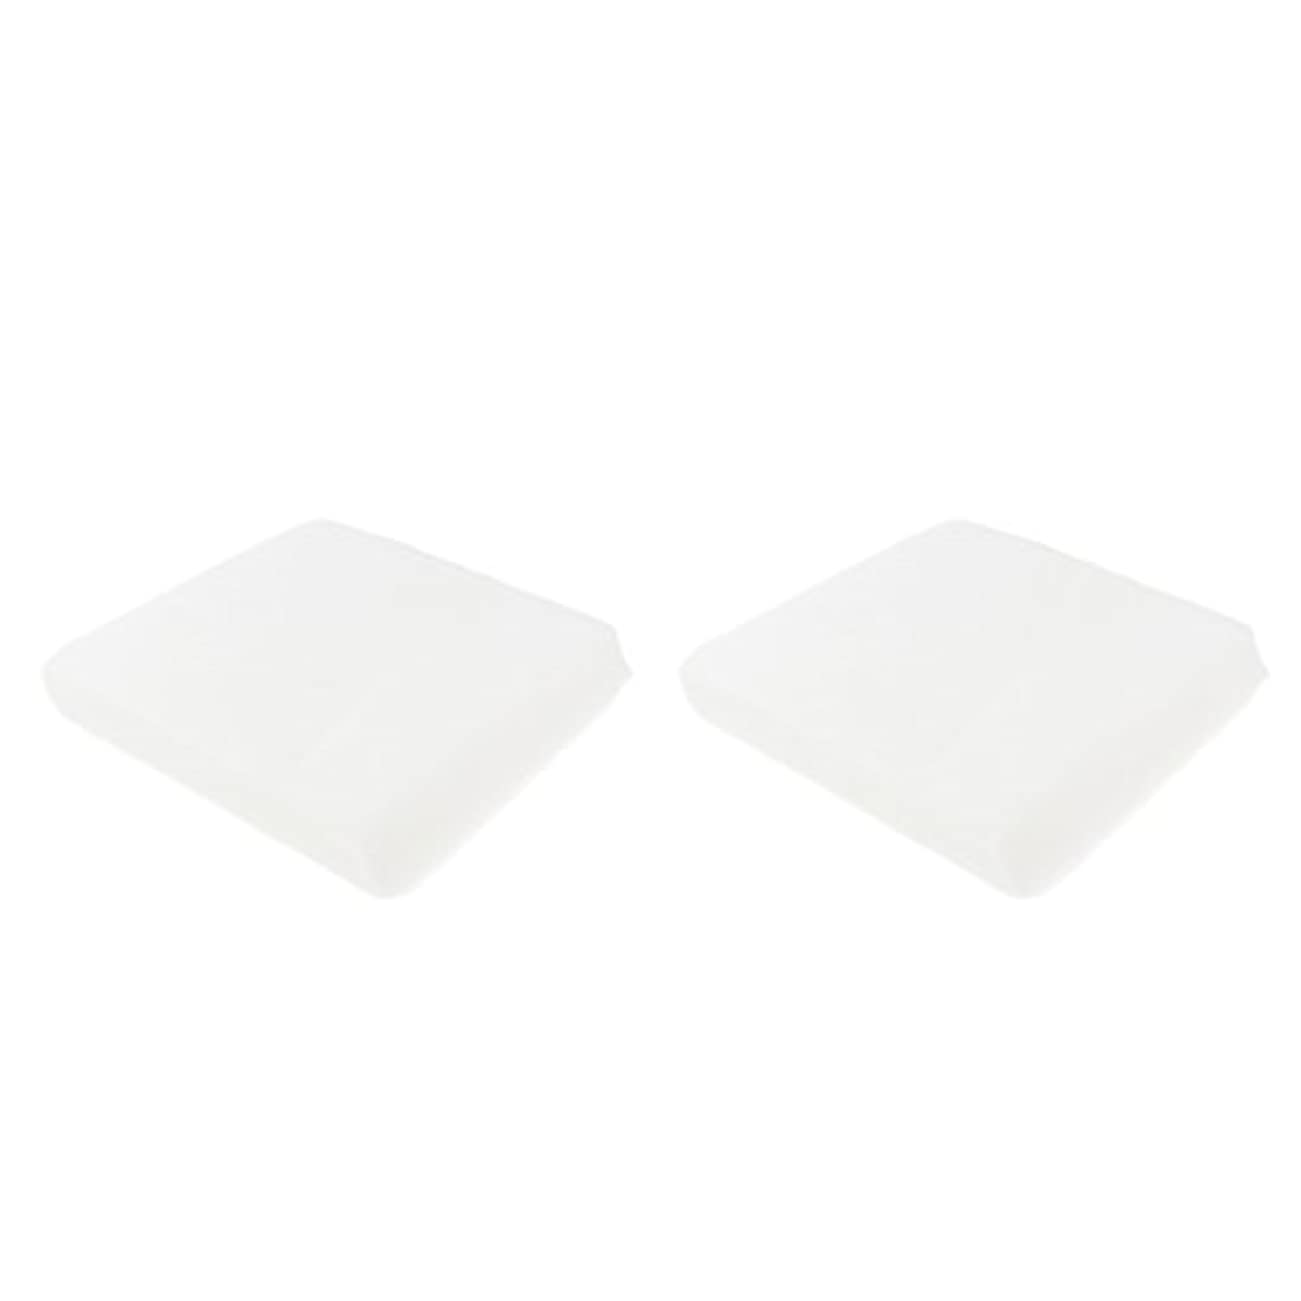 他の場所吹雪ファイアルクレンジングシート メイク落とし 使い捨て 洗顔シート 不織布 顔クレンジング 2サイズ - 1#